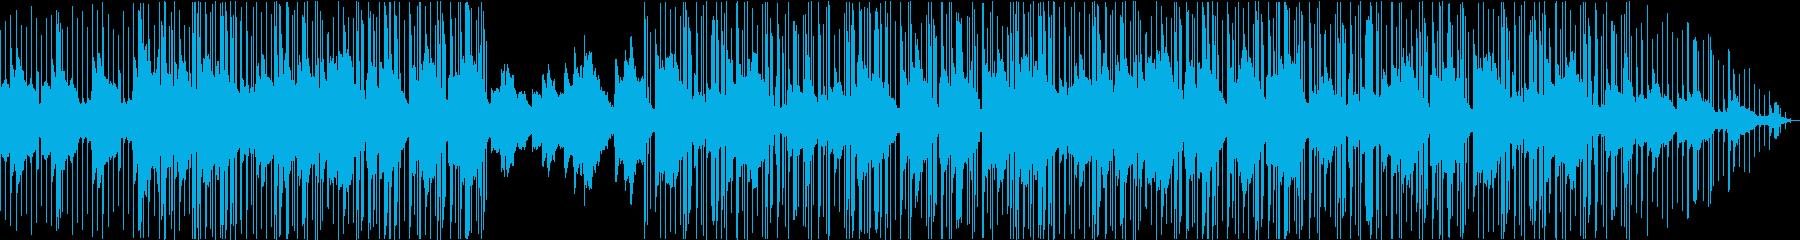 エレキギター・VLOG・リラックス・チルの再生済みの波形